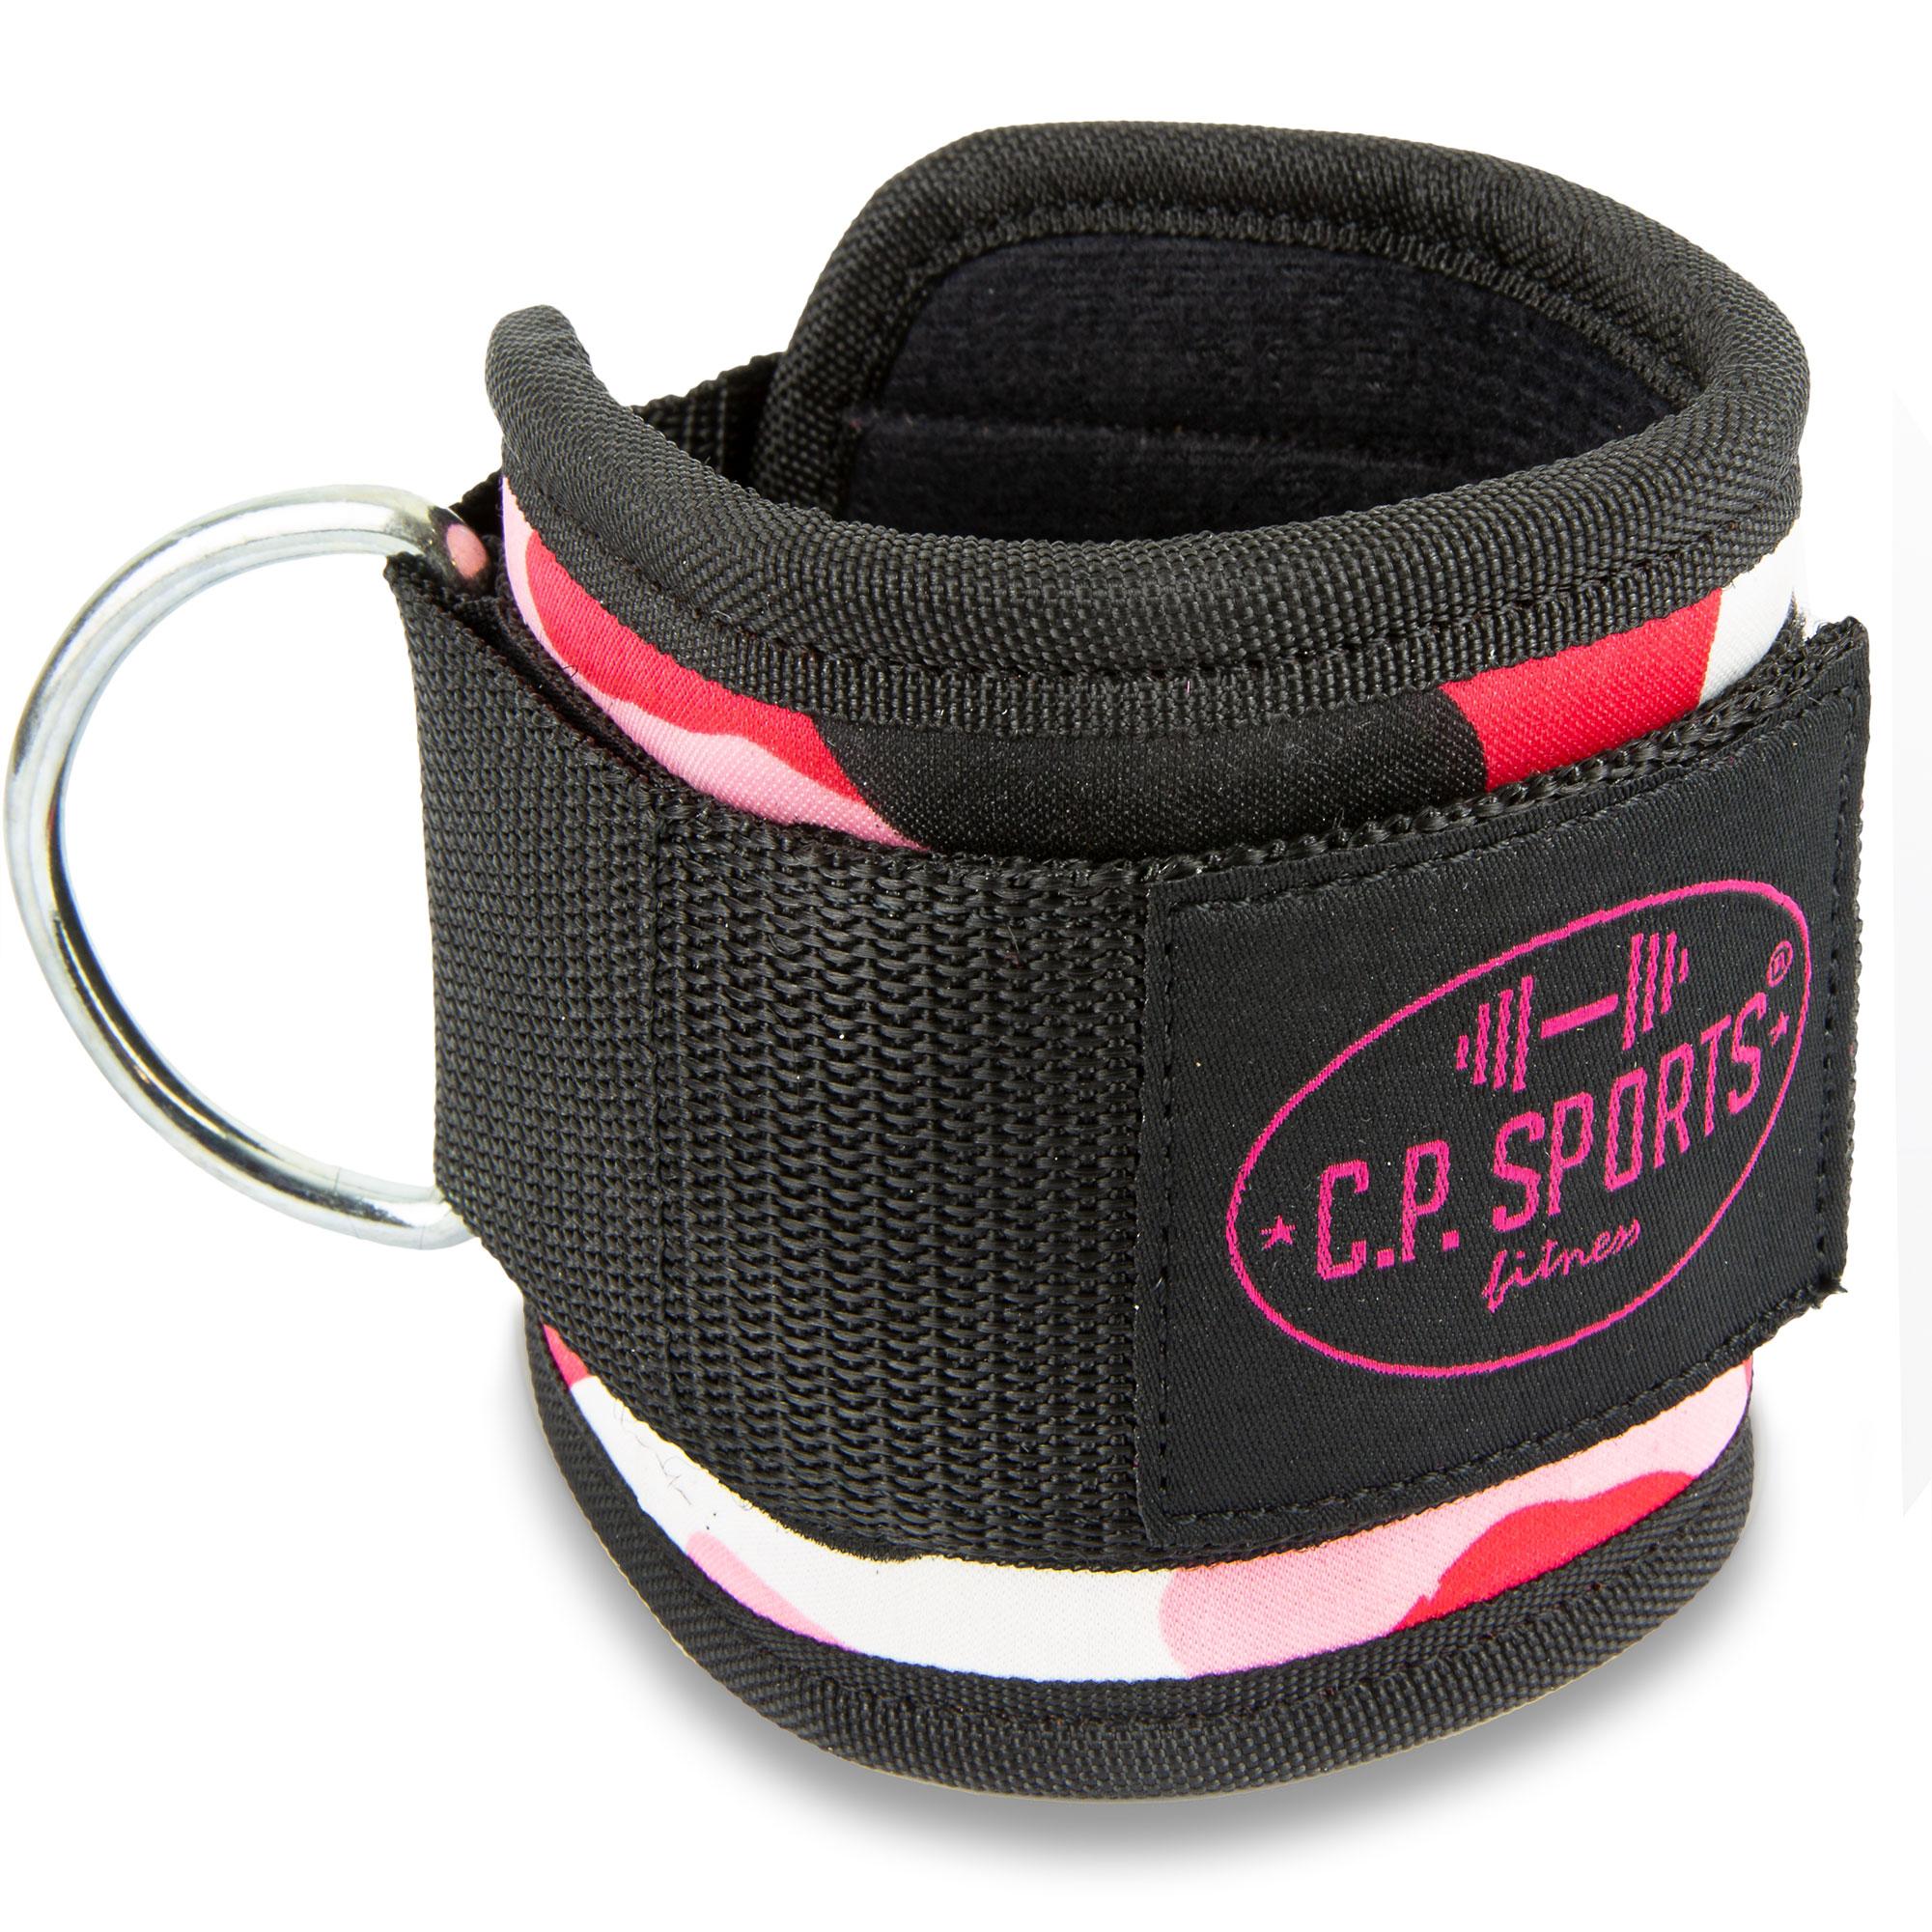 SPORTS Premium Fußschlaufe Paar Handschlauf Fuß-Manschette Zughilfe Fitness C.P